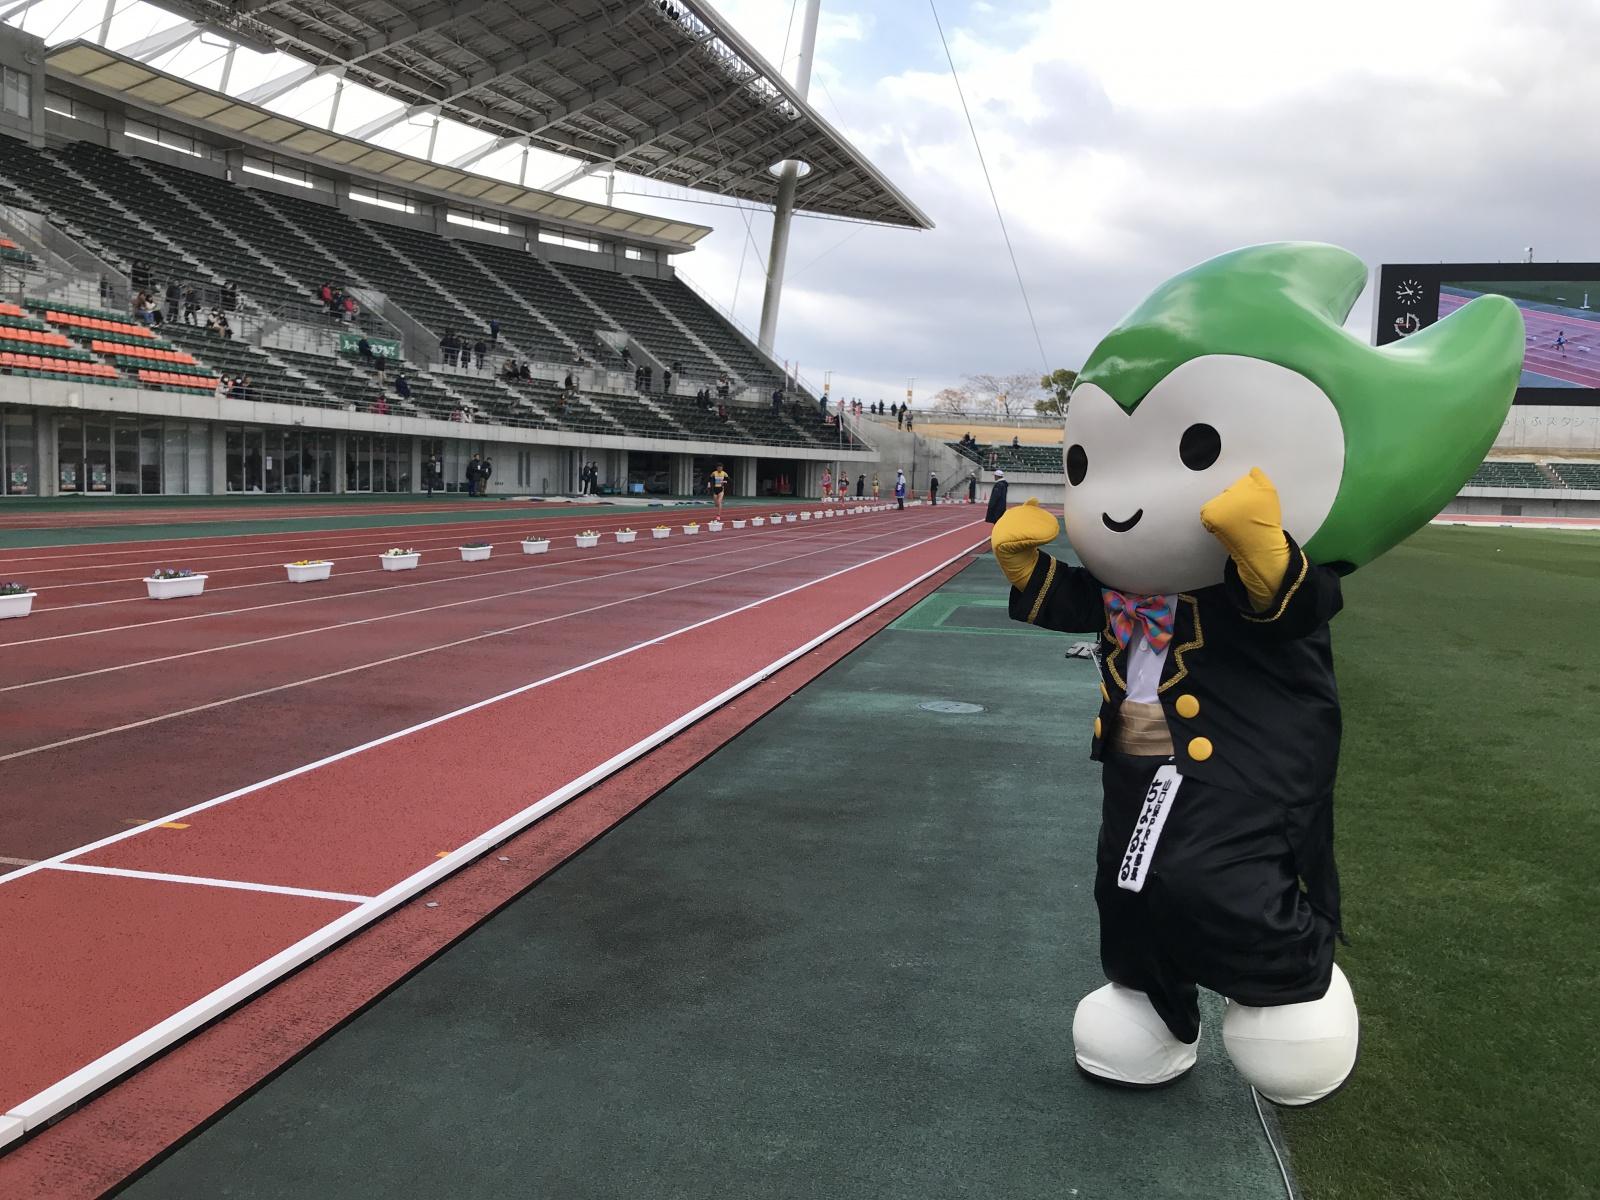 「第48回全日本実業団ハーフマラソン大会」でちょるるの元気を届けたよ☆彡